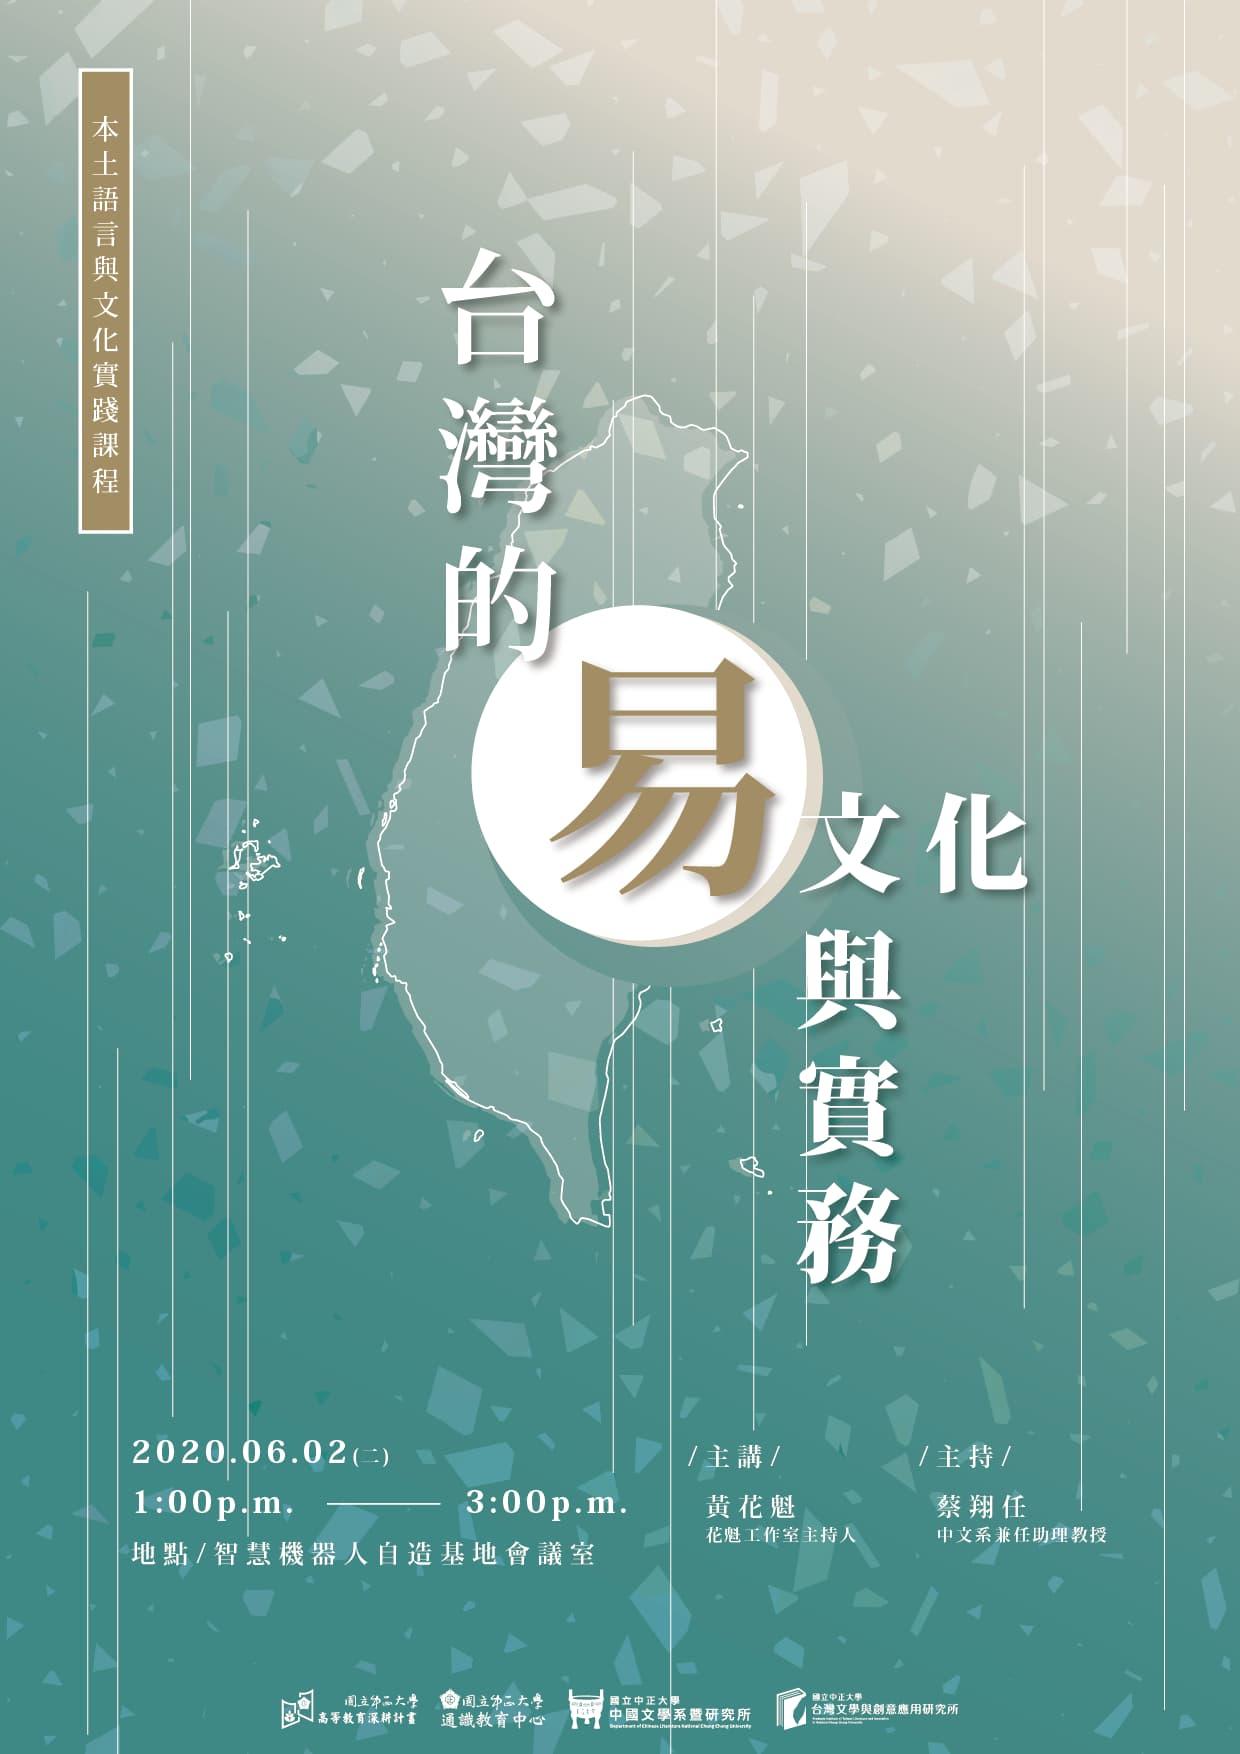 台灣的易文化與實務